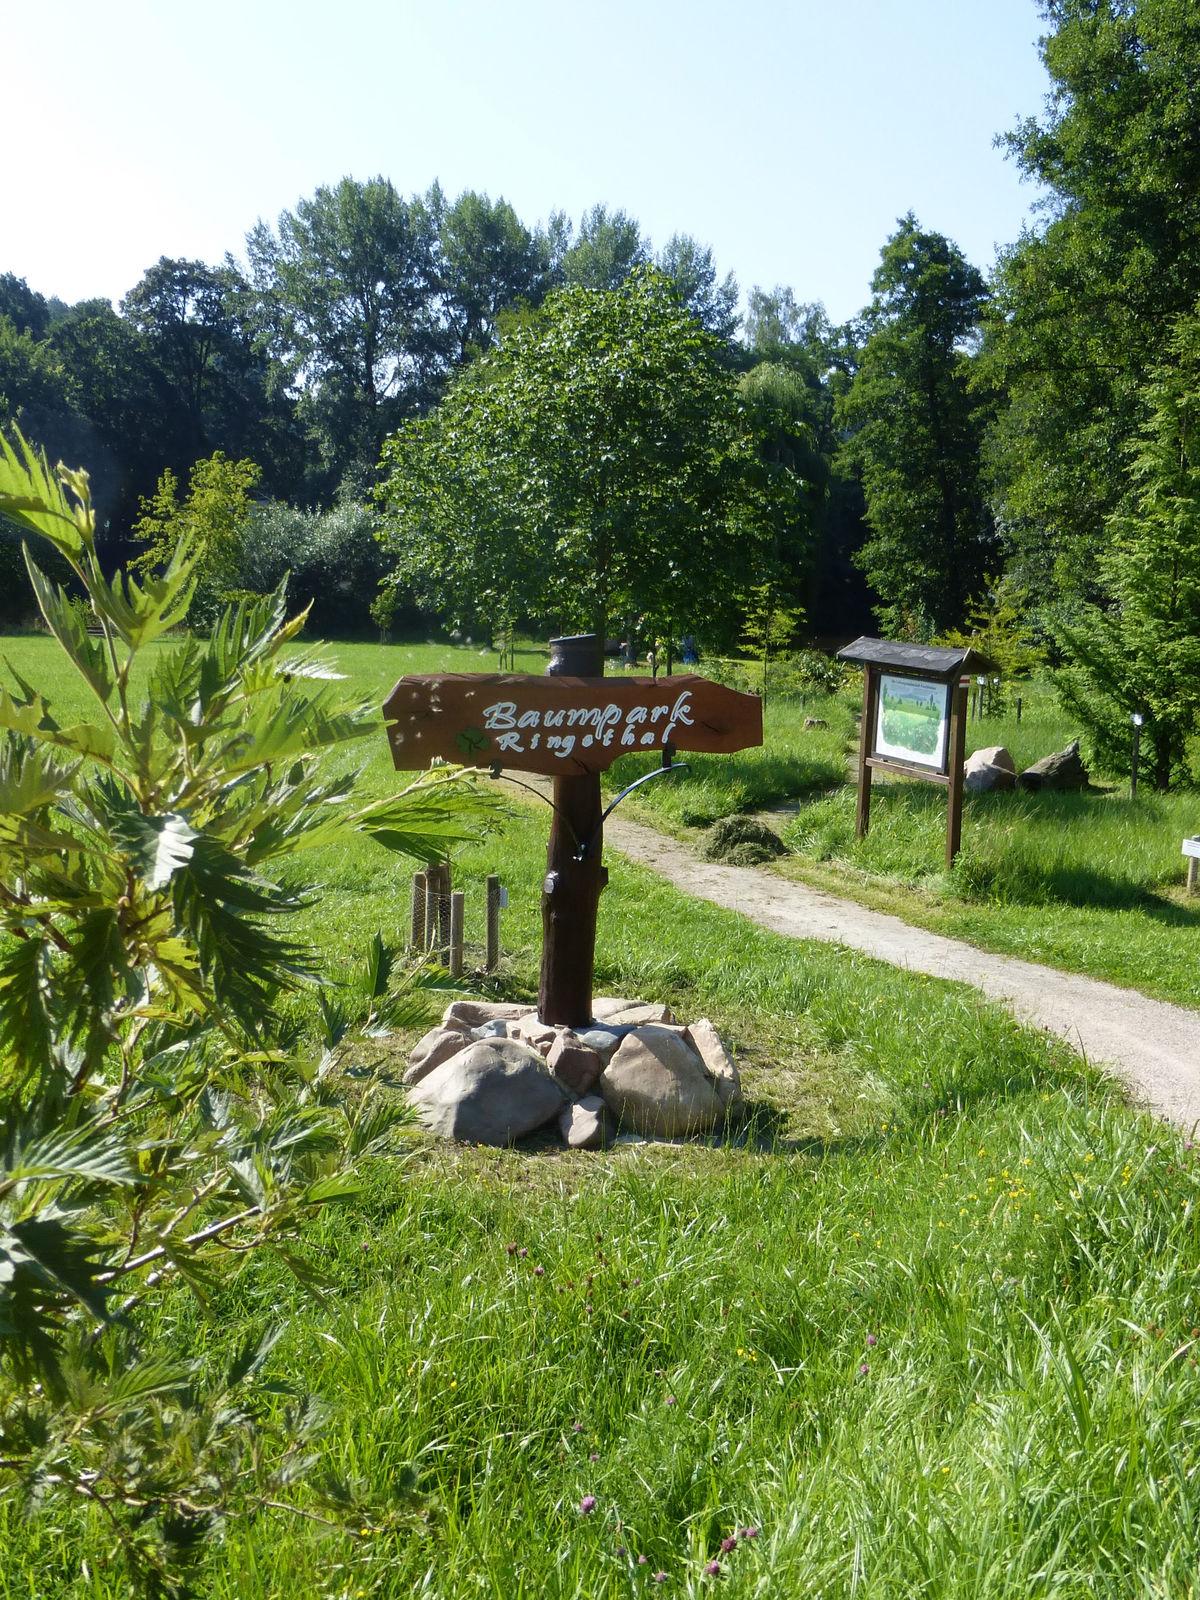 Baumpark Ringethal